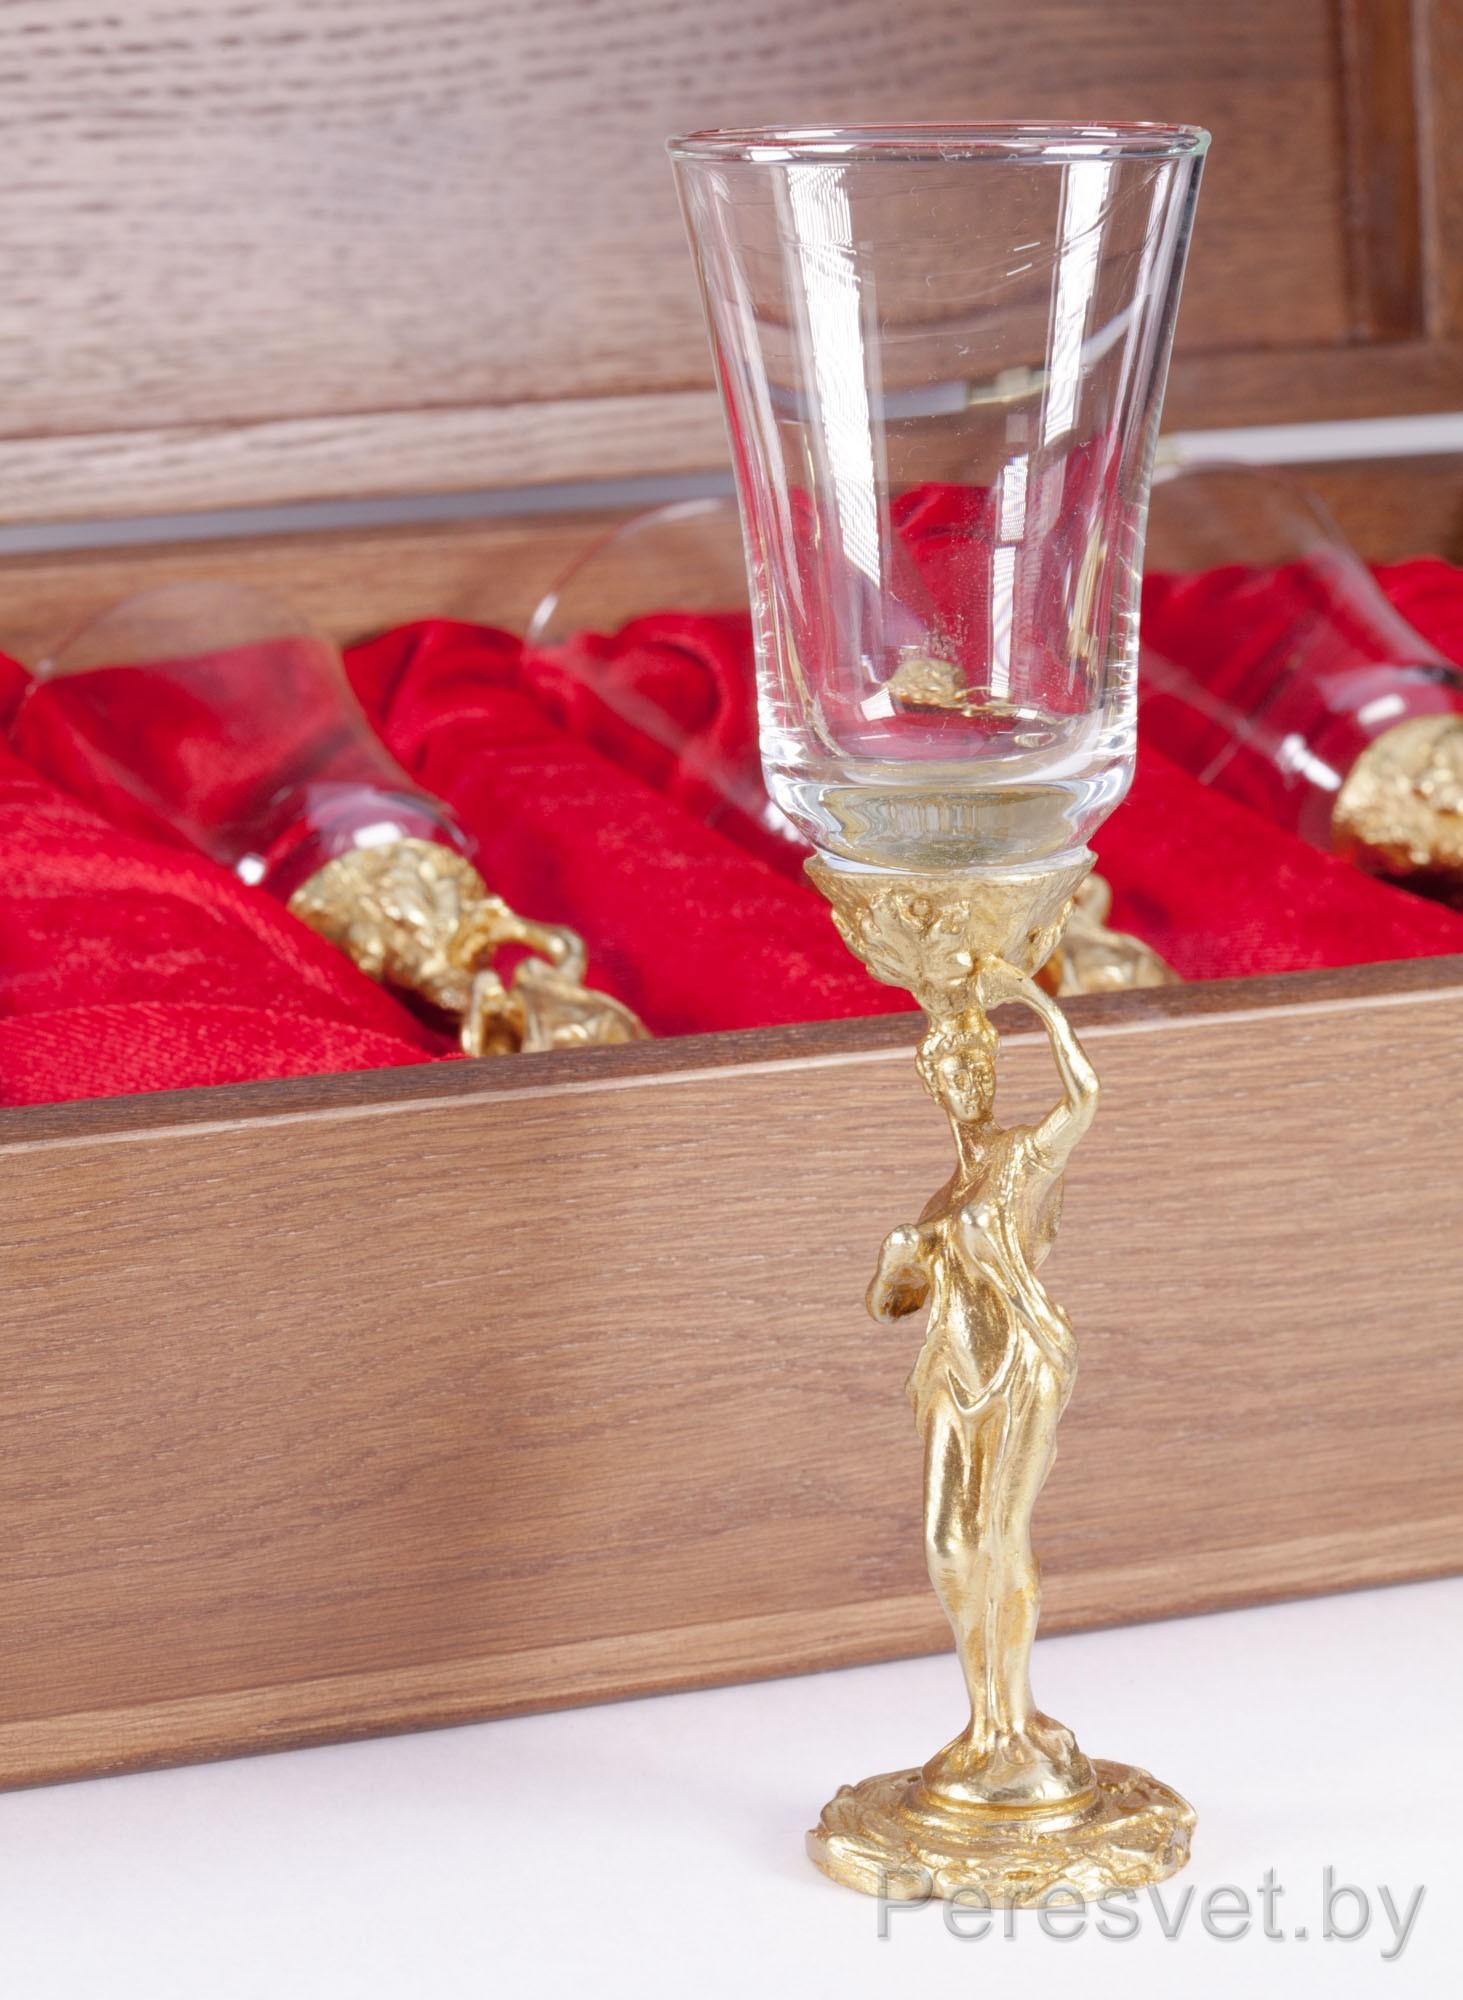 Подарочный набор стопок в дубовой упаковке Афродита бронза на peresvet.by